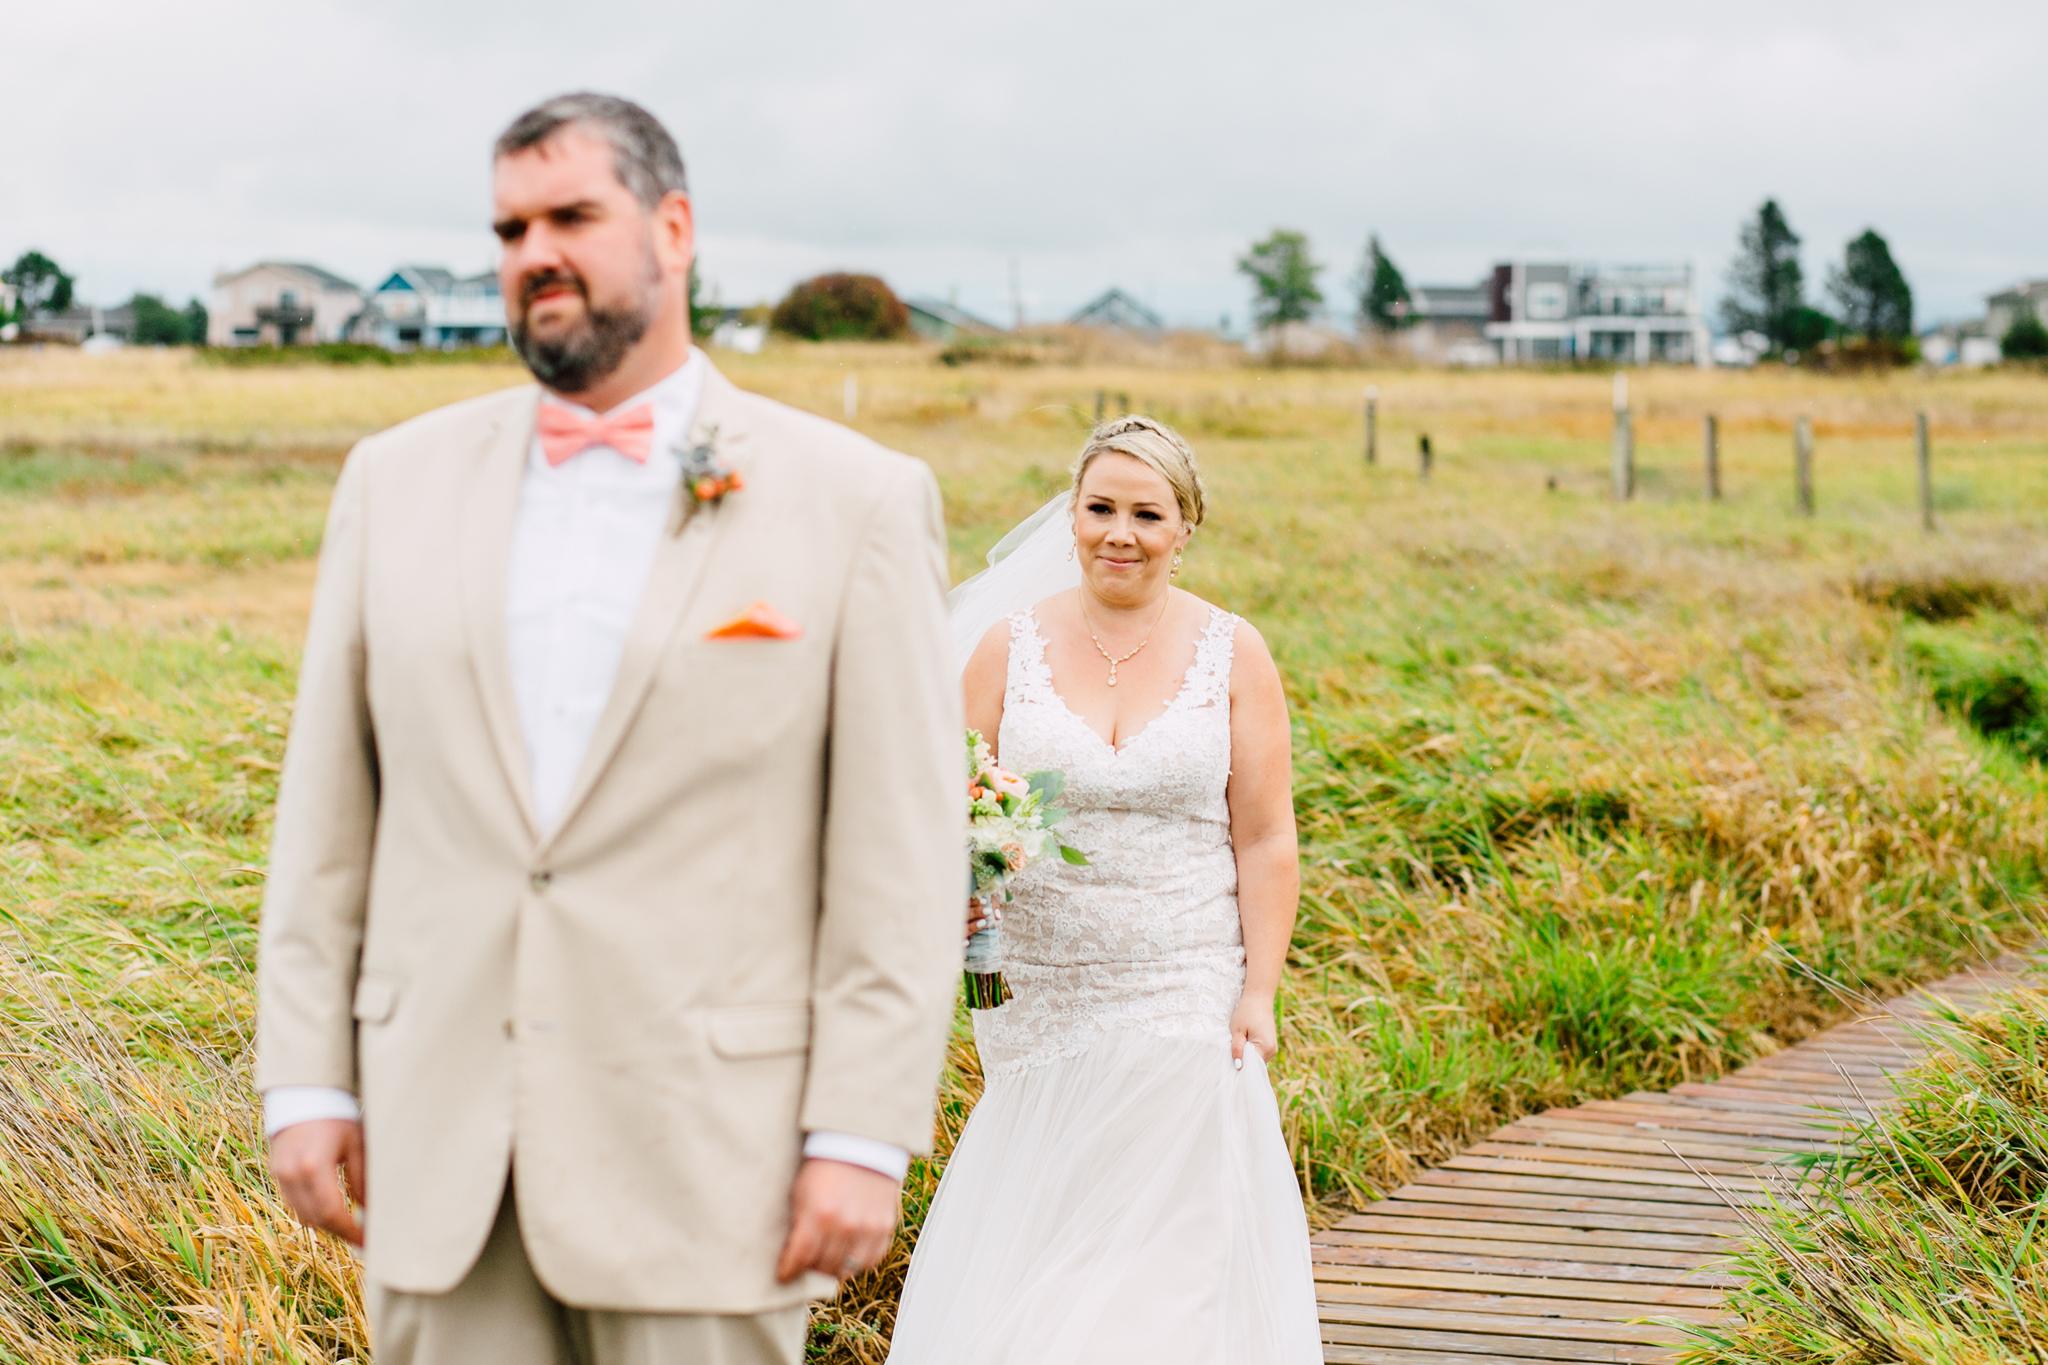 008-bellingham-wedding-photographer-beach-katheryn-moran-elisa-phillip.jpg